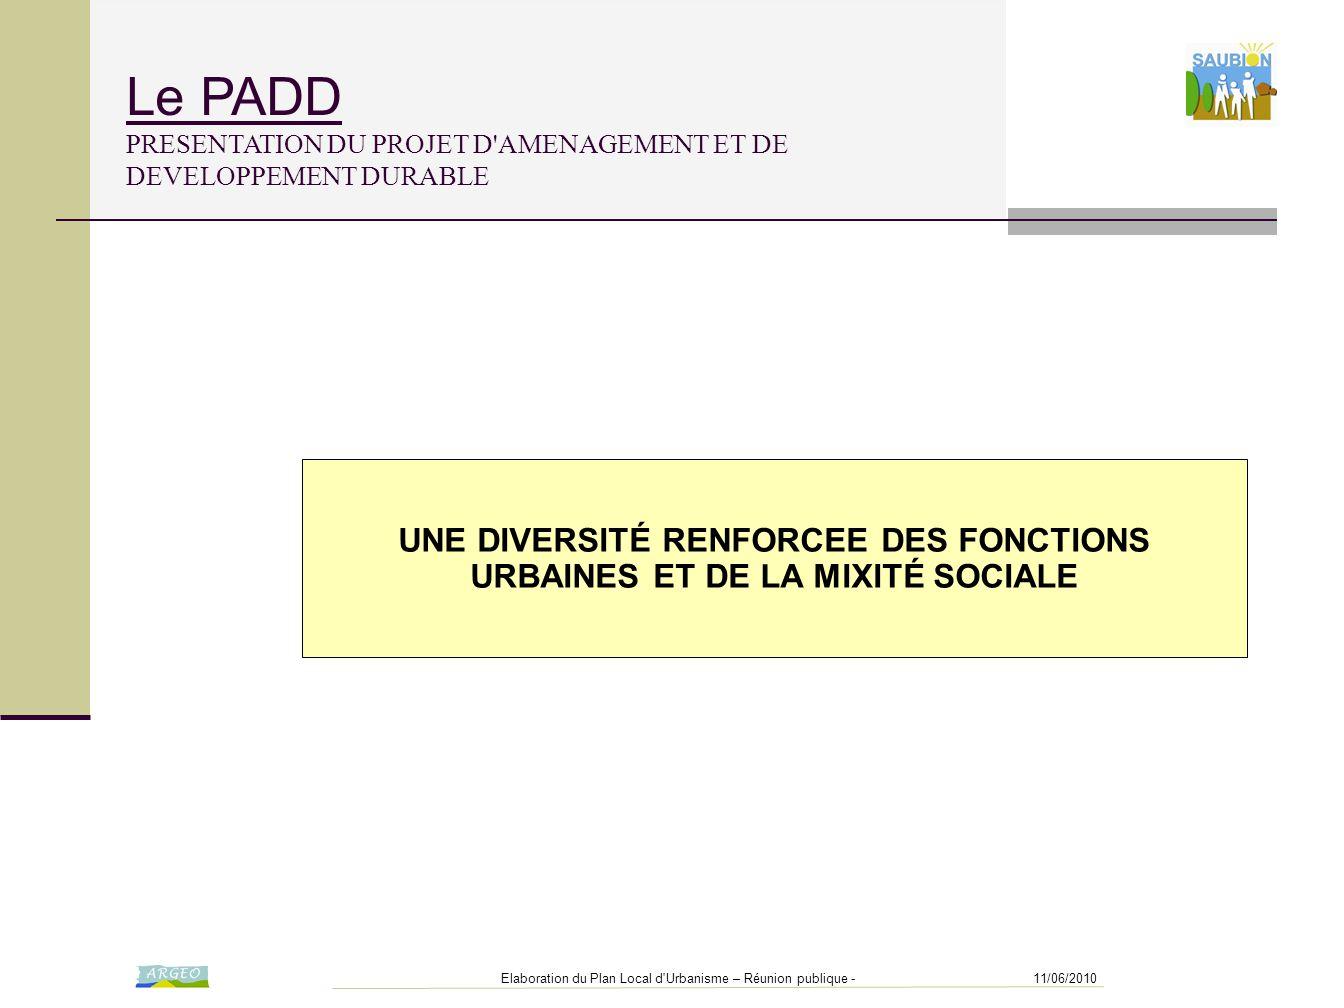 11/06/2010Elaboration du Plan Local d'Urbanisme – Réunion publique - UNE DIVERSITÉ RENFORCEE DES FONCTIONS URBAINES ET DE LA MIXITÉ SOCIALE Le PADD PR